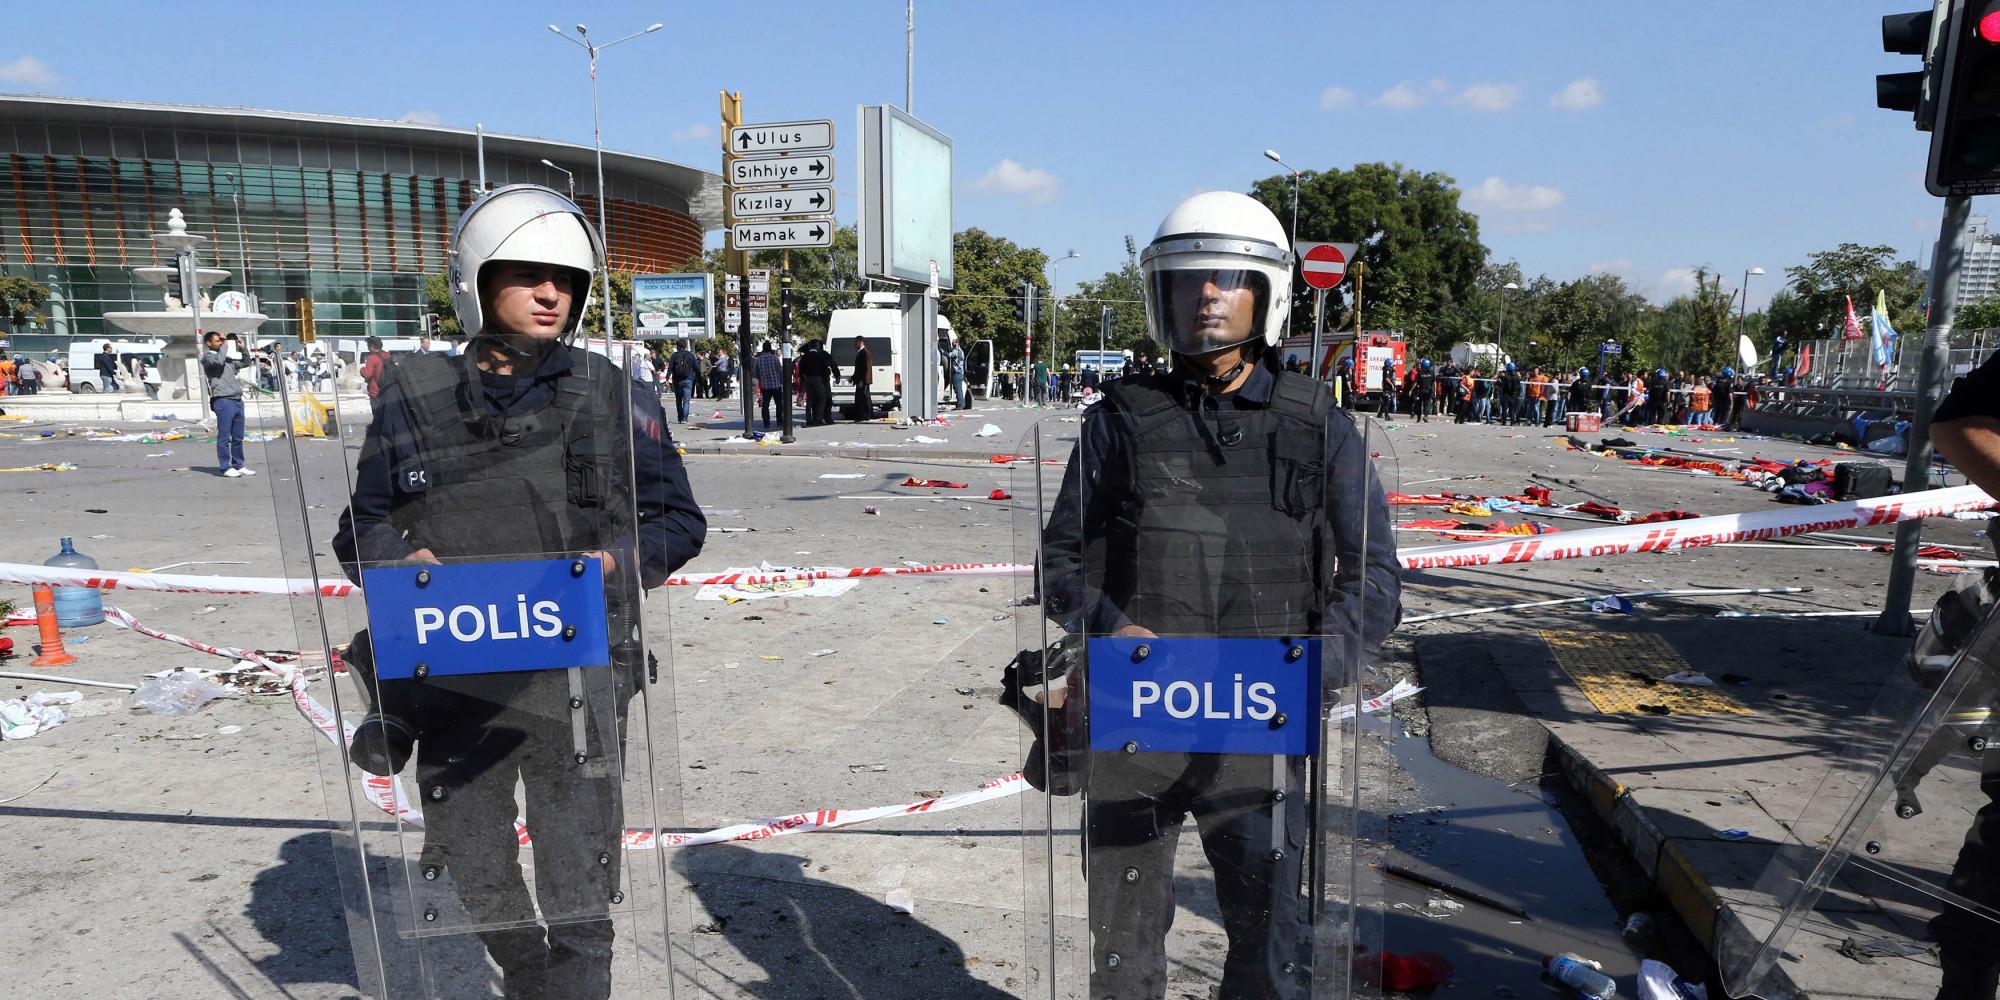 Attentat Facebook: Ankara, La Capitale De La Turquie, Frappée Par L'attentat